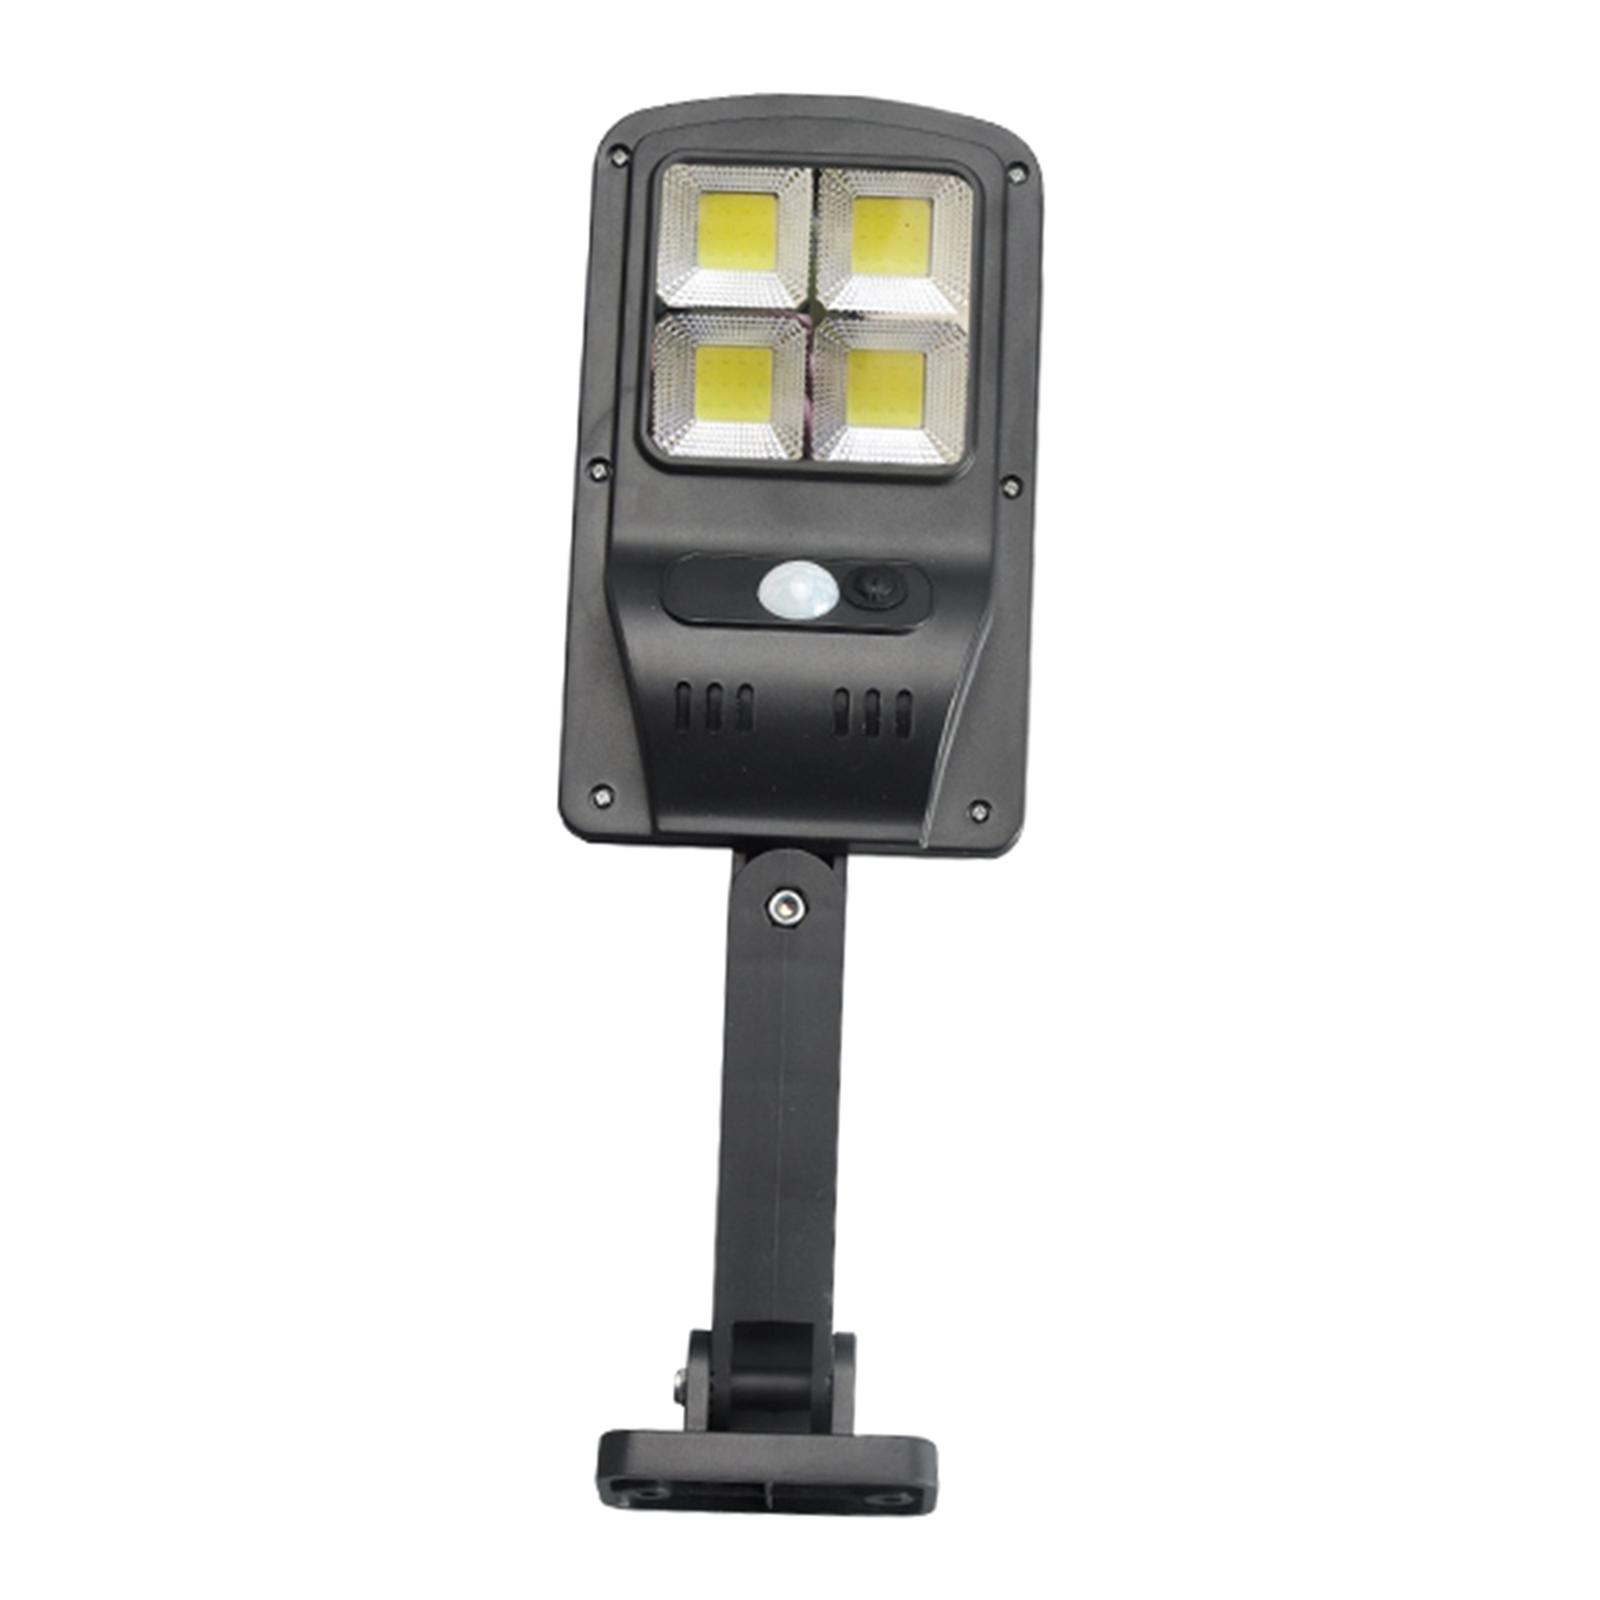 Corps-de-reverbere-a-LED-a-energie-solaire-detectant-la-lumiere miniatura 3